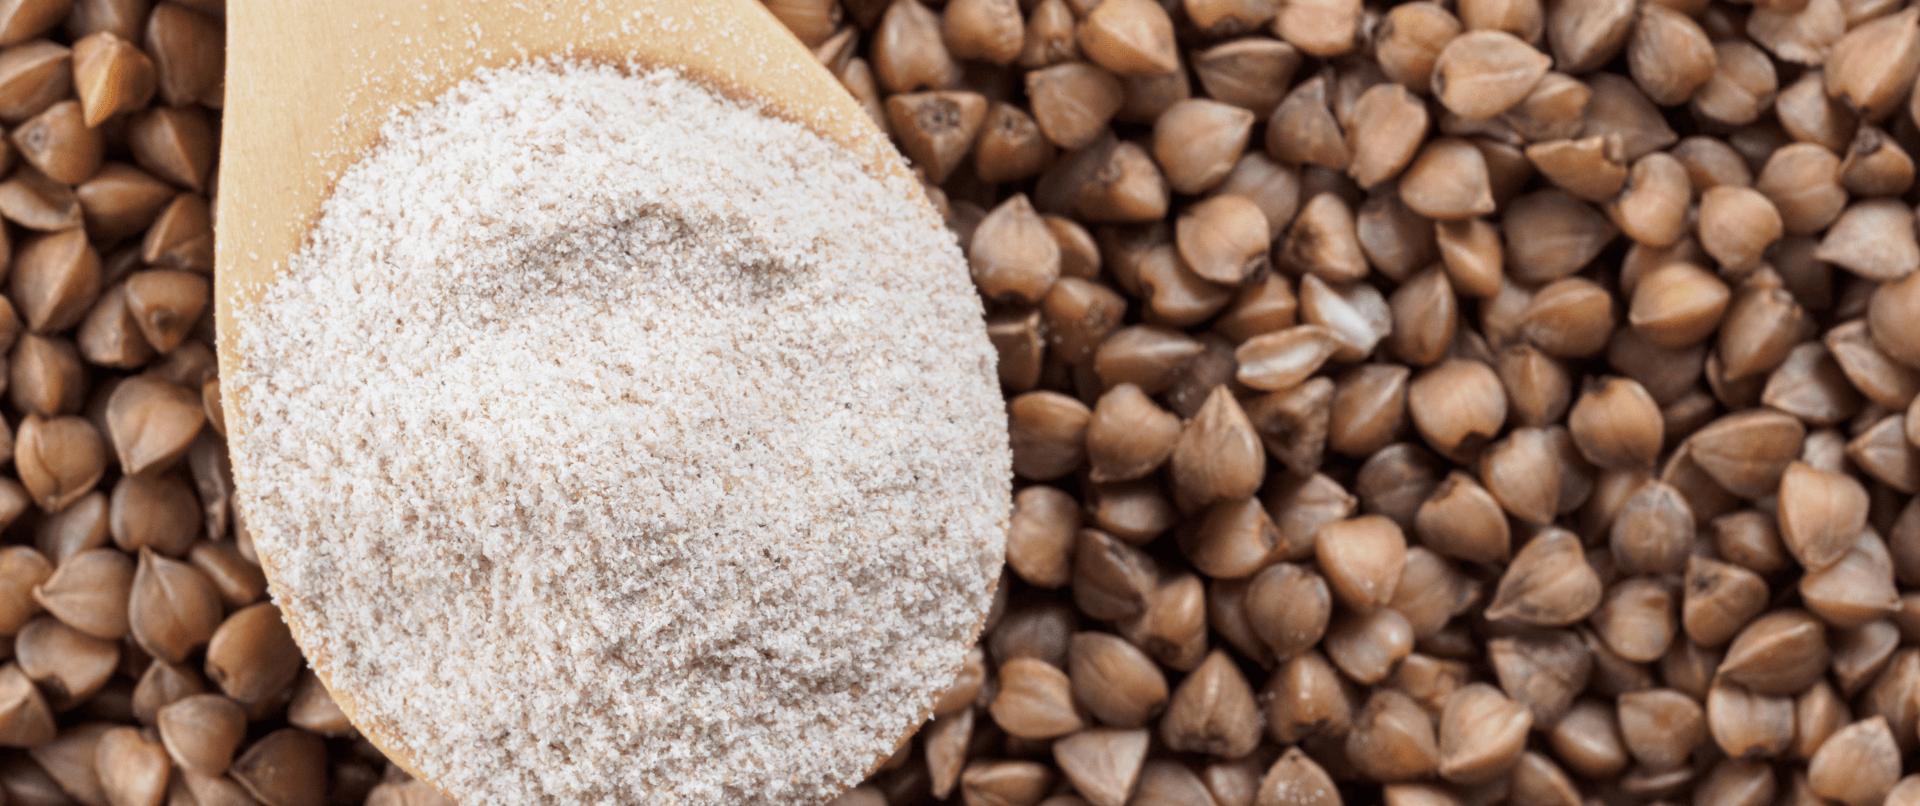 Buchweizenmehl – Das glutenfreie Mehl